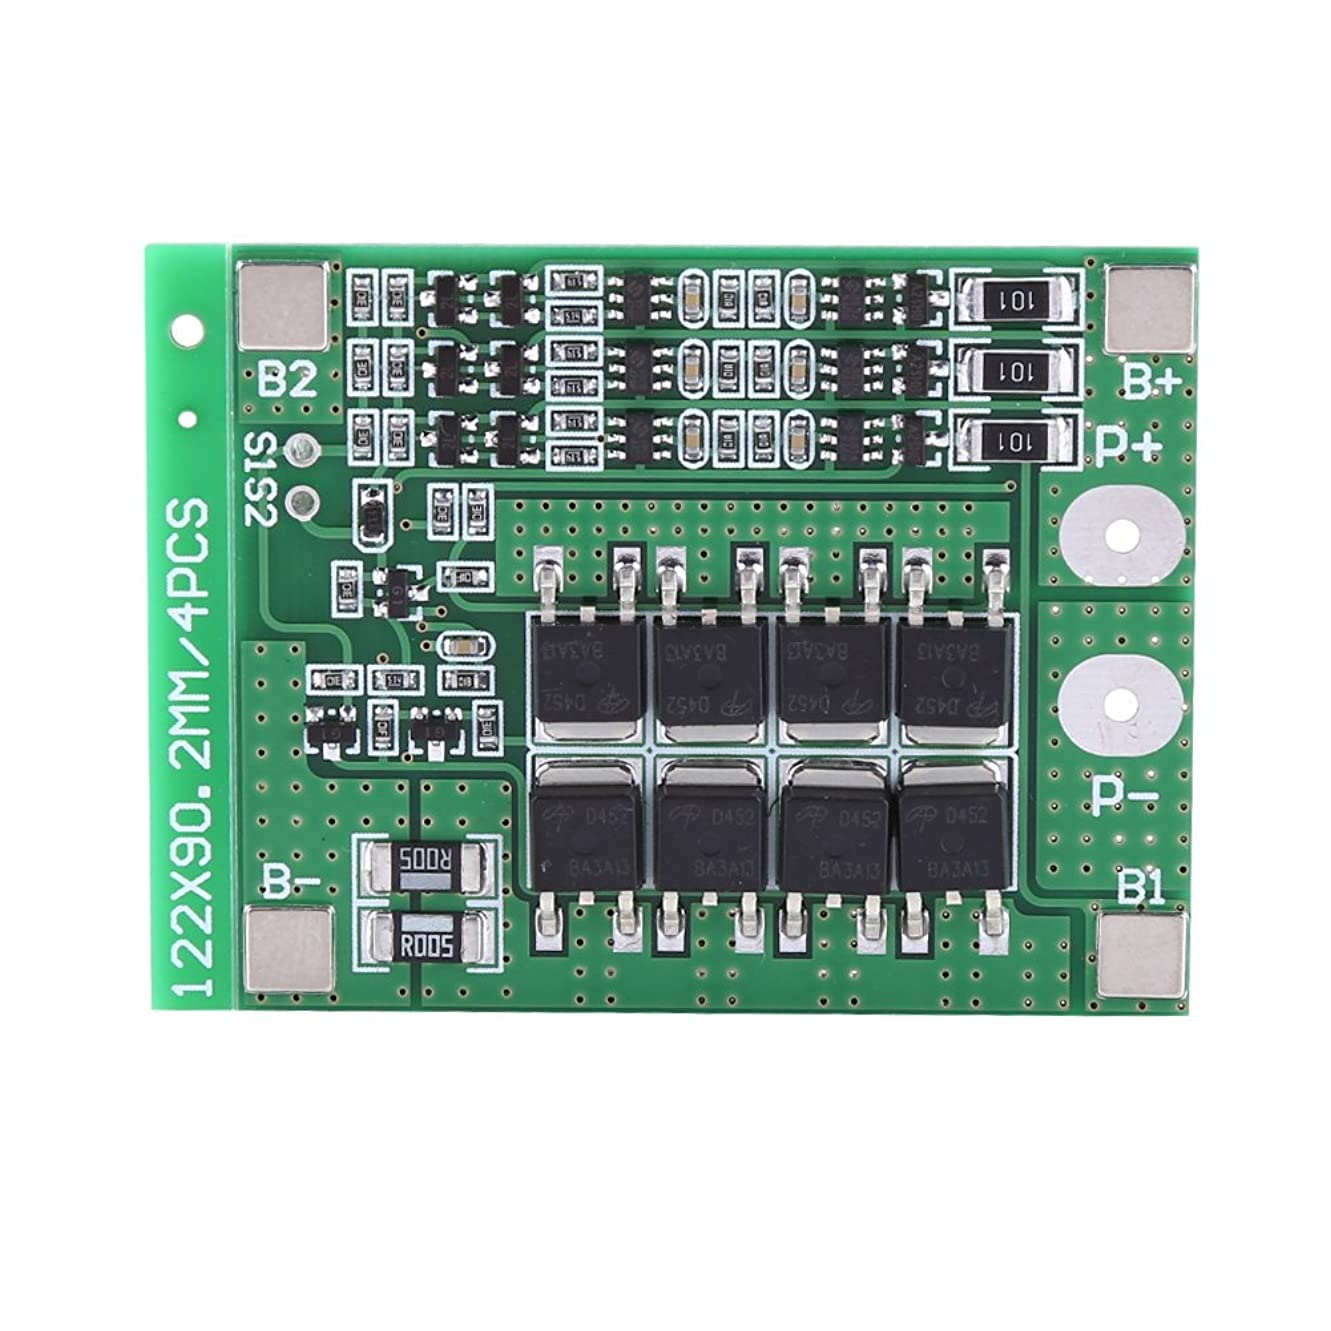 犠牲悲観主義者弁護3S 18650リチウムバッテリ保護ボード11.1V 12.6V 25A W/バランス基板充電コントローラ